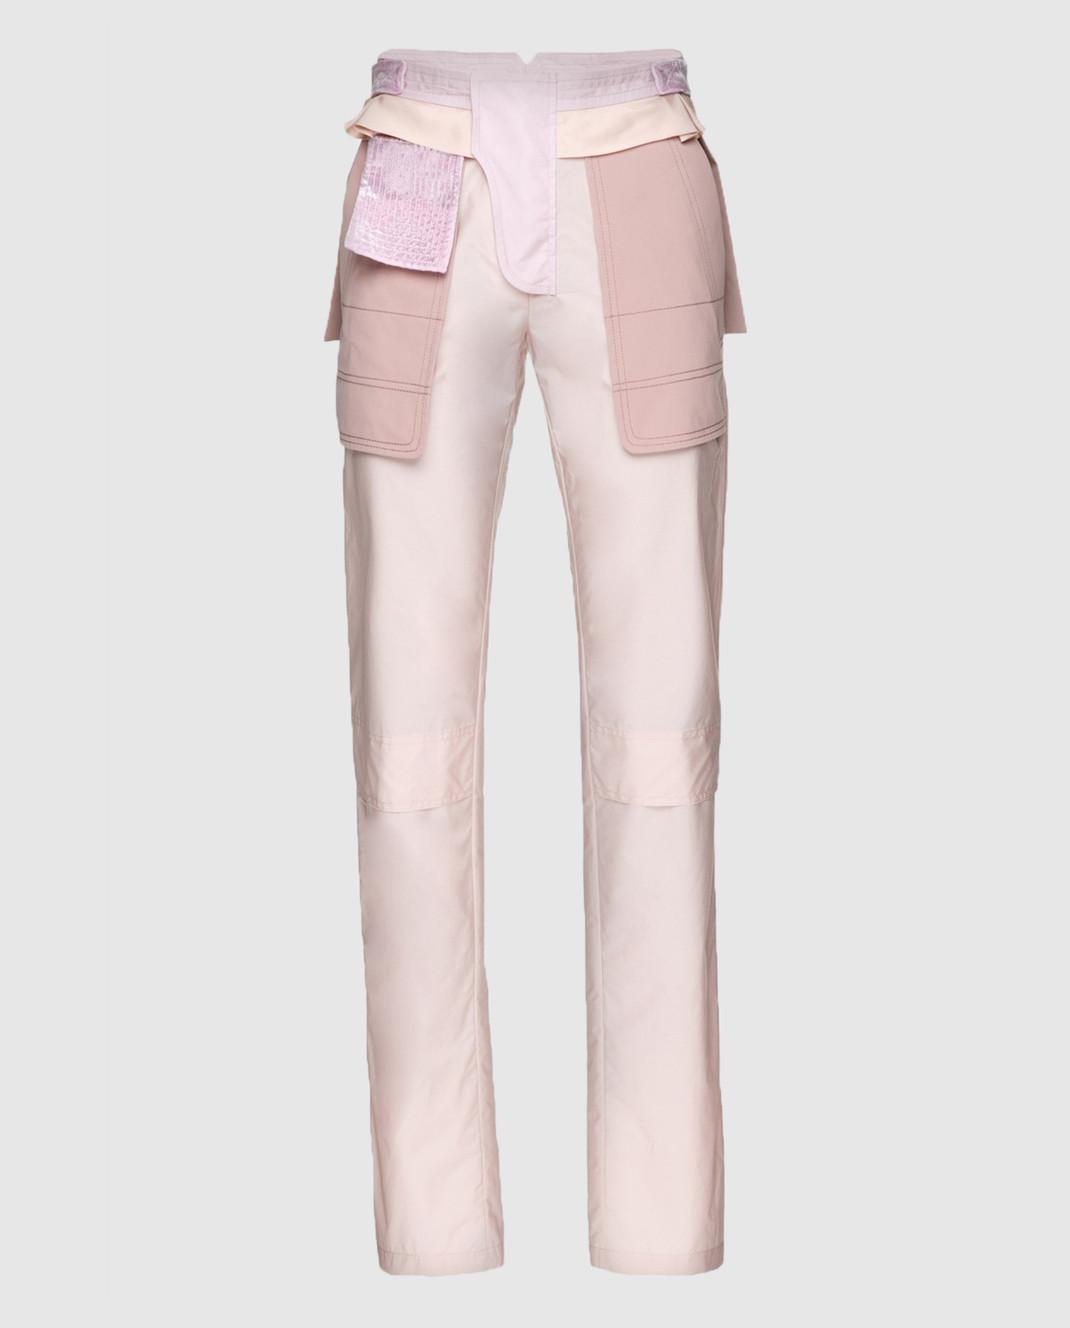 Valentino Бежевые брюки изображение 1